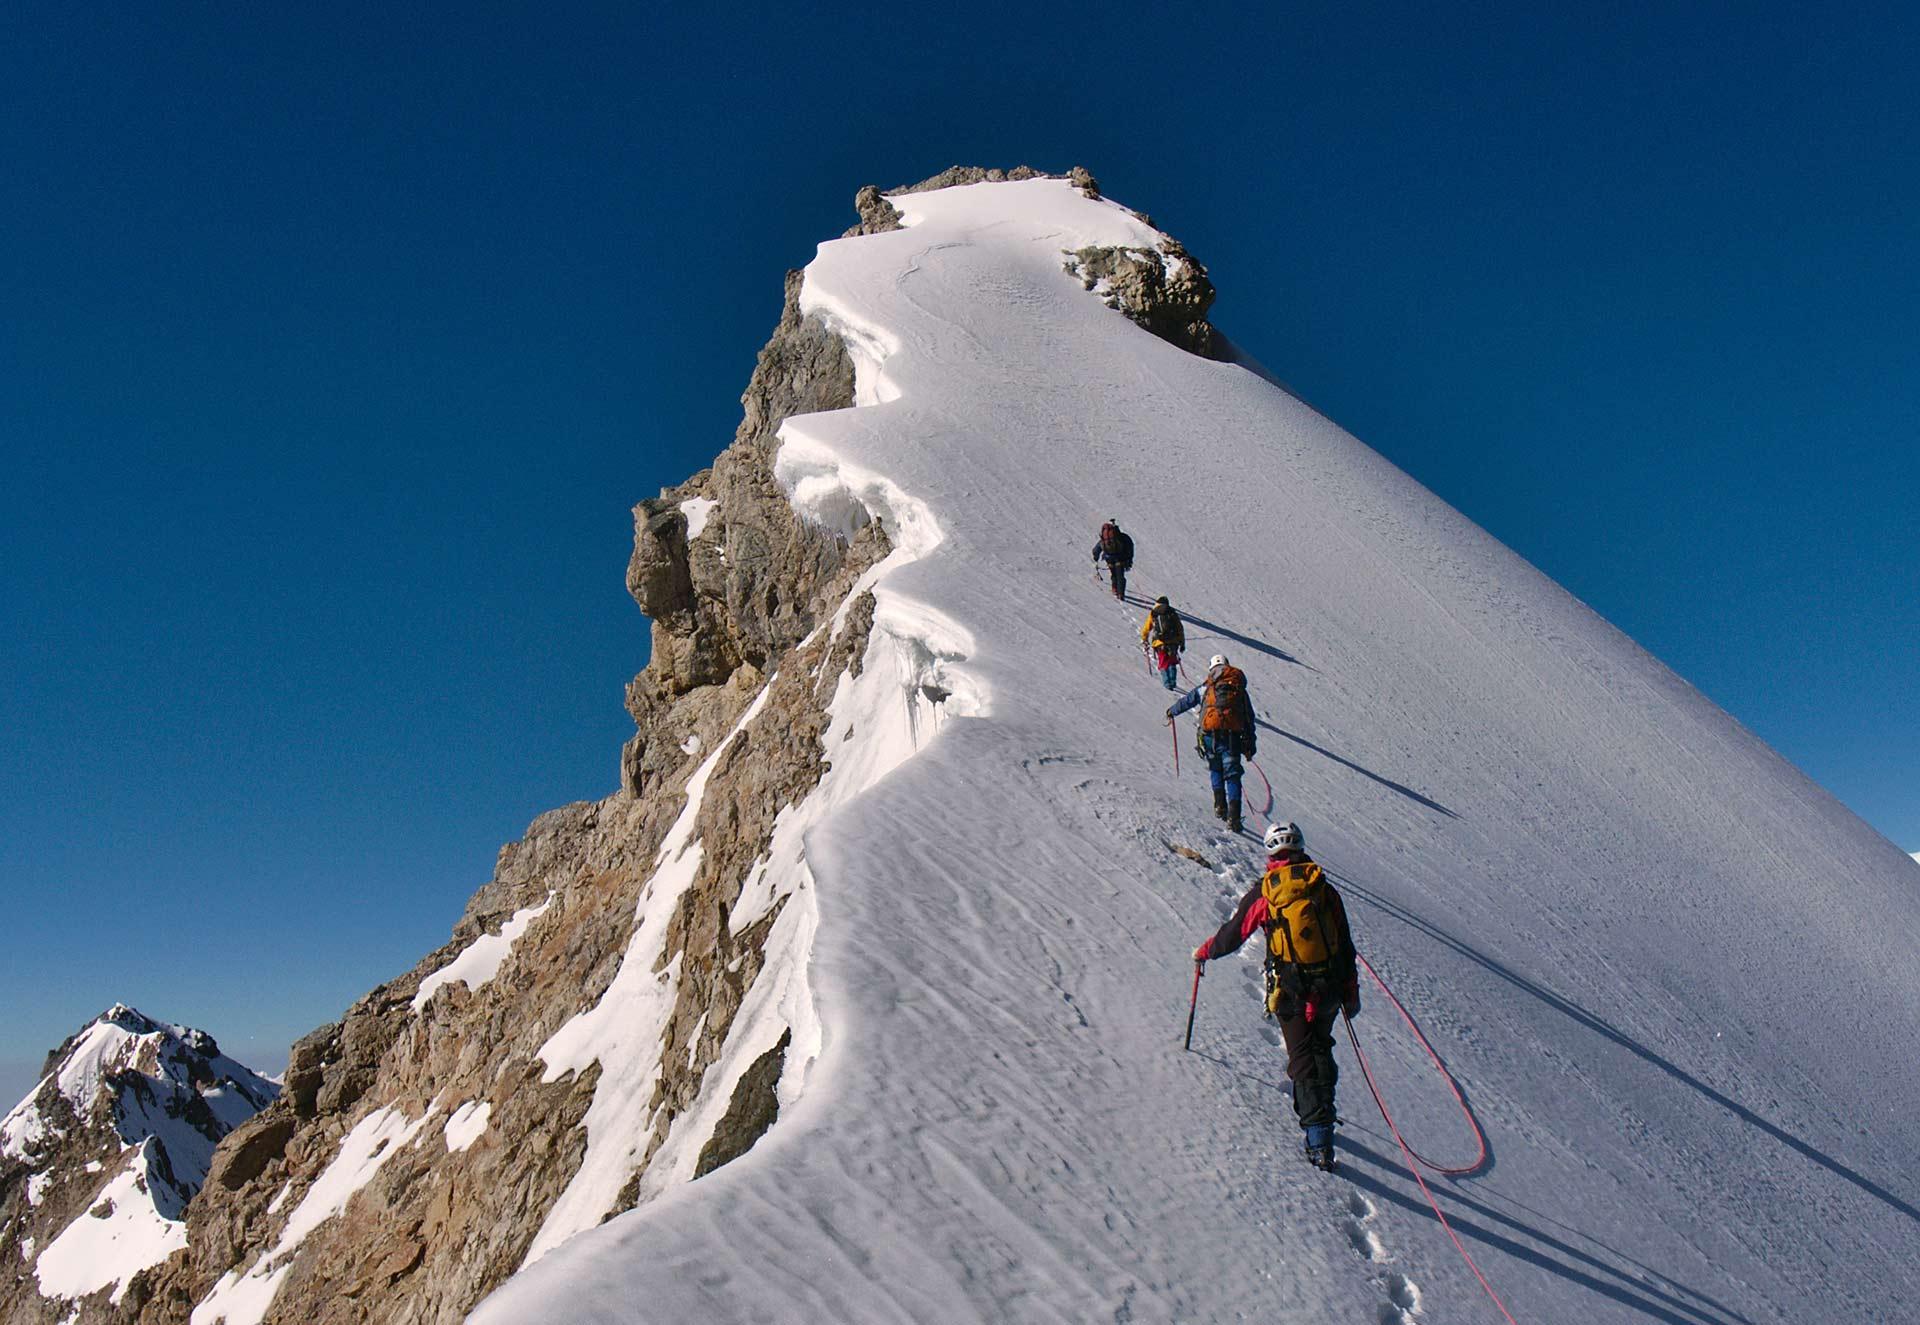 Het bereiken van je persoonlijke top is inspannend,<br>maar absoluut de moeite waard. <br>Houd vol!